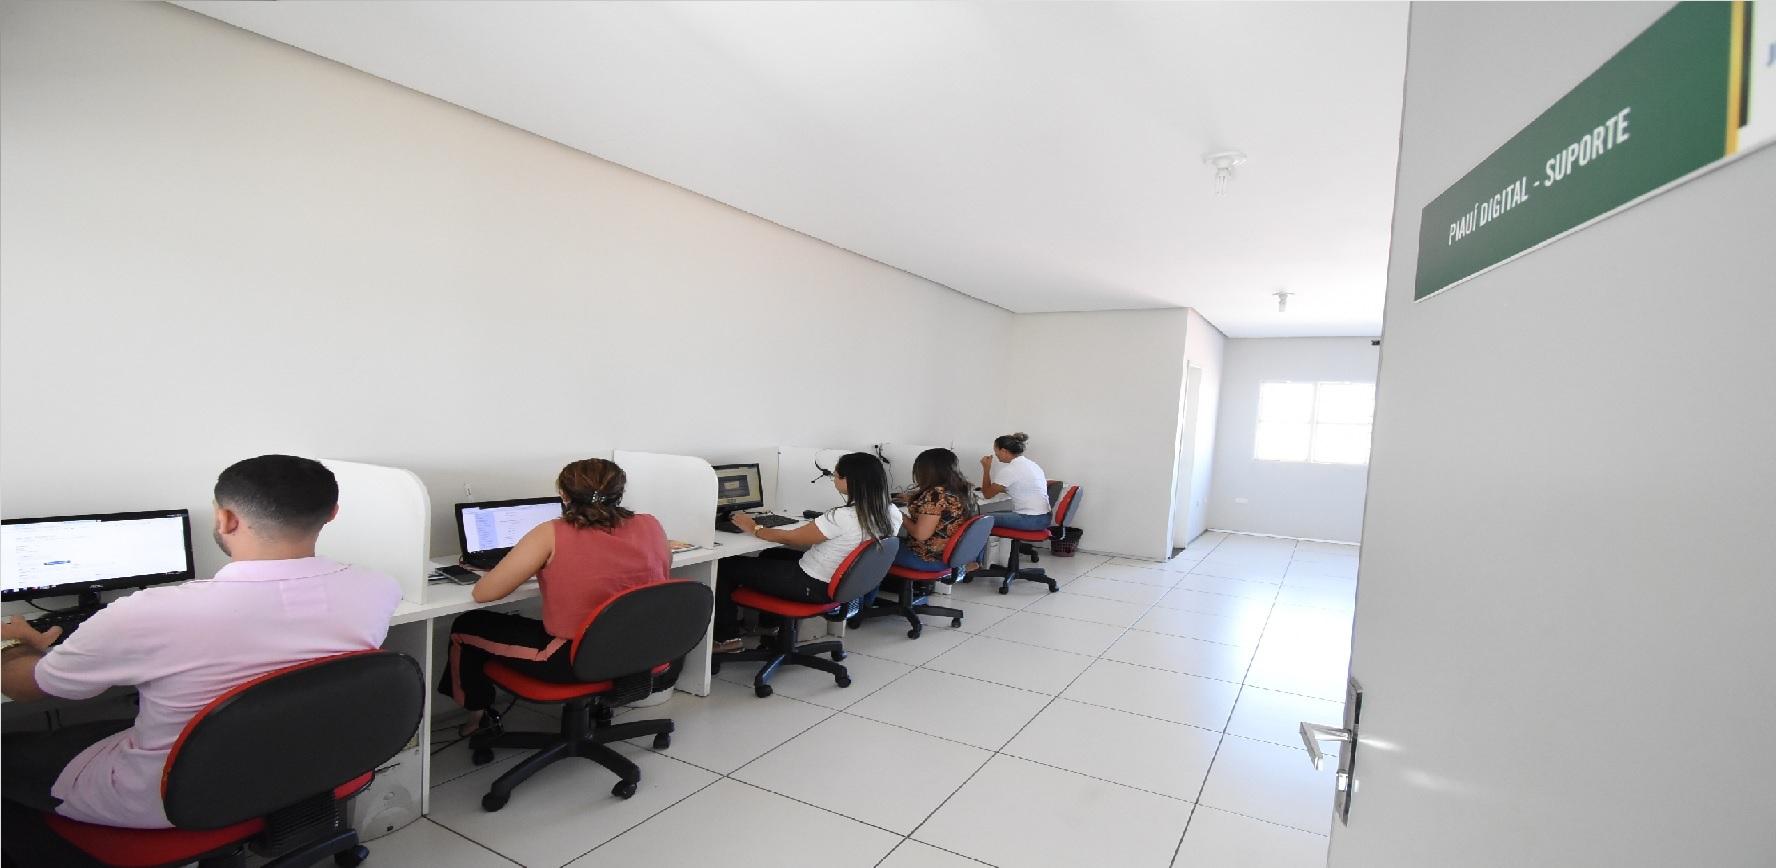 Piauí tem crescimento de 6% na abertura de empresas